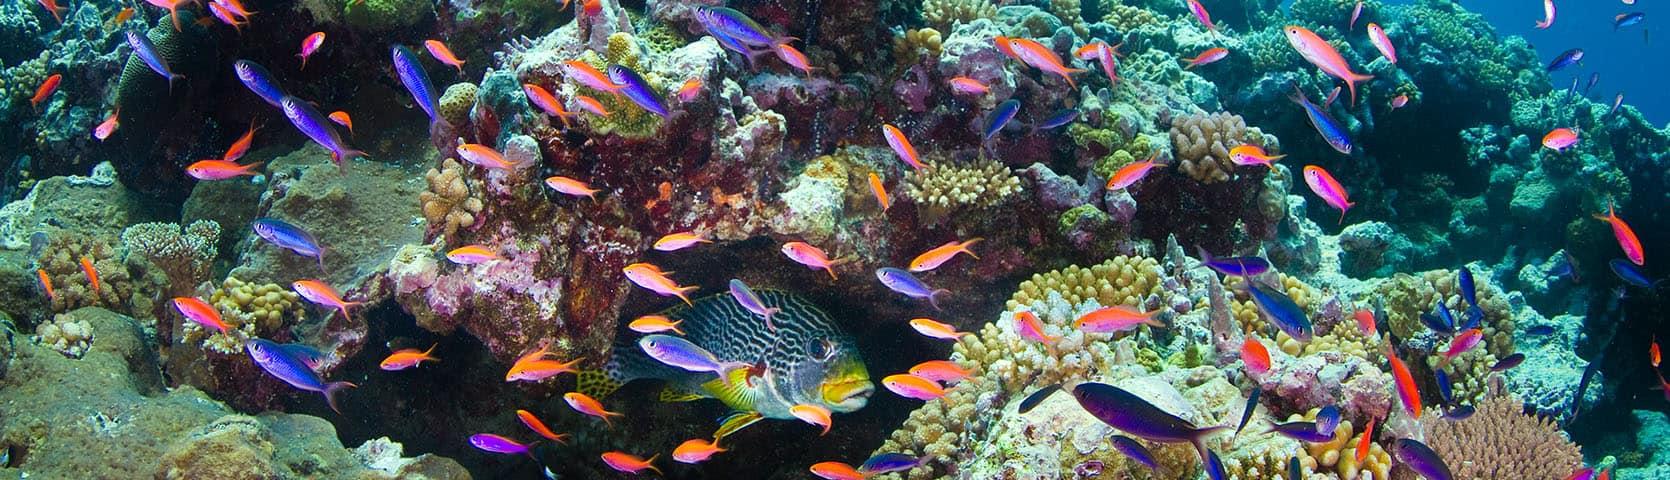 Osprey Reef Darren Jew Photography